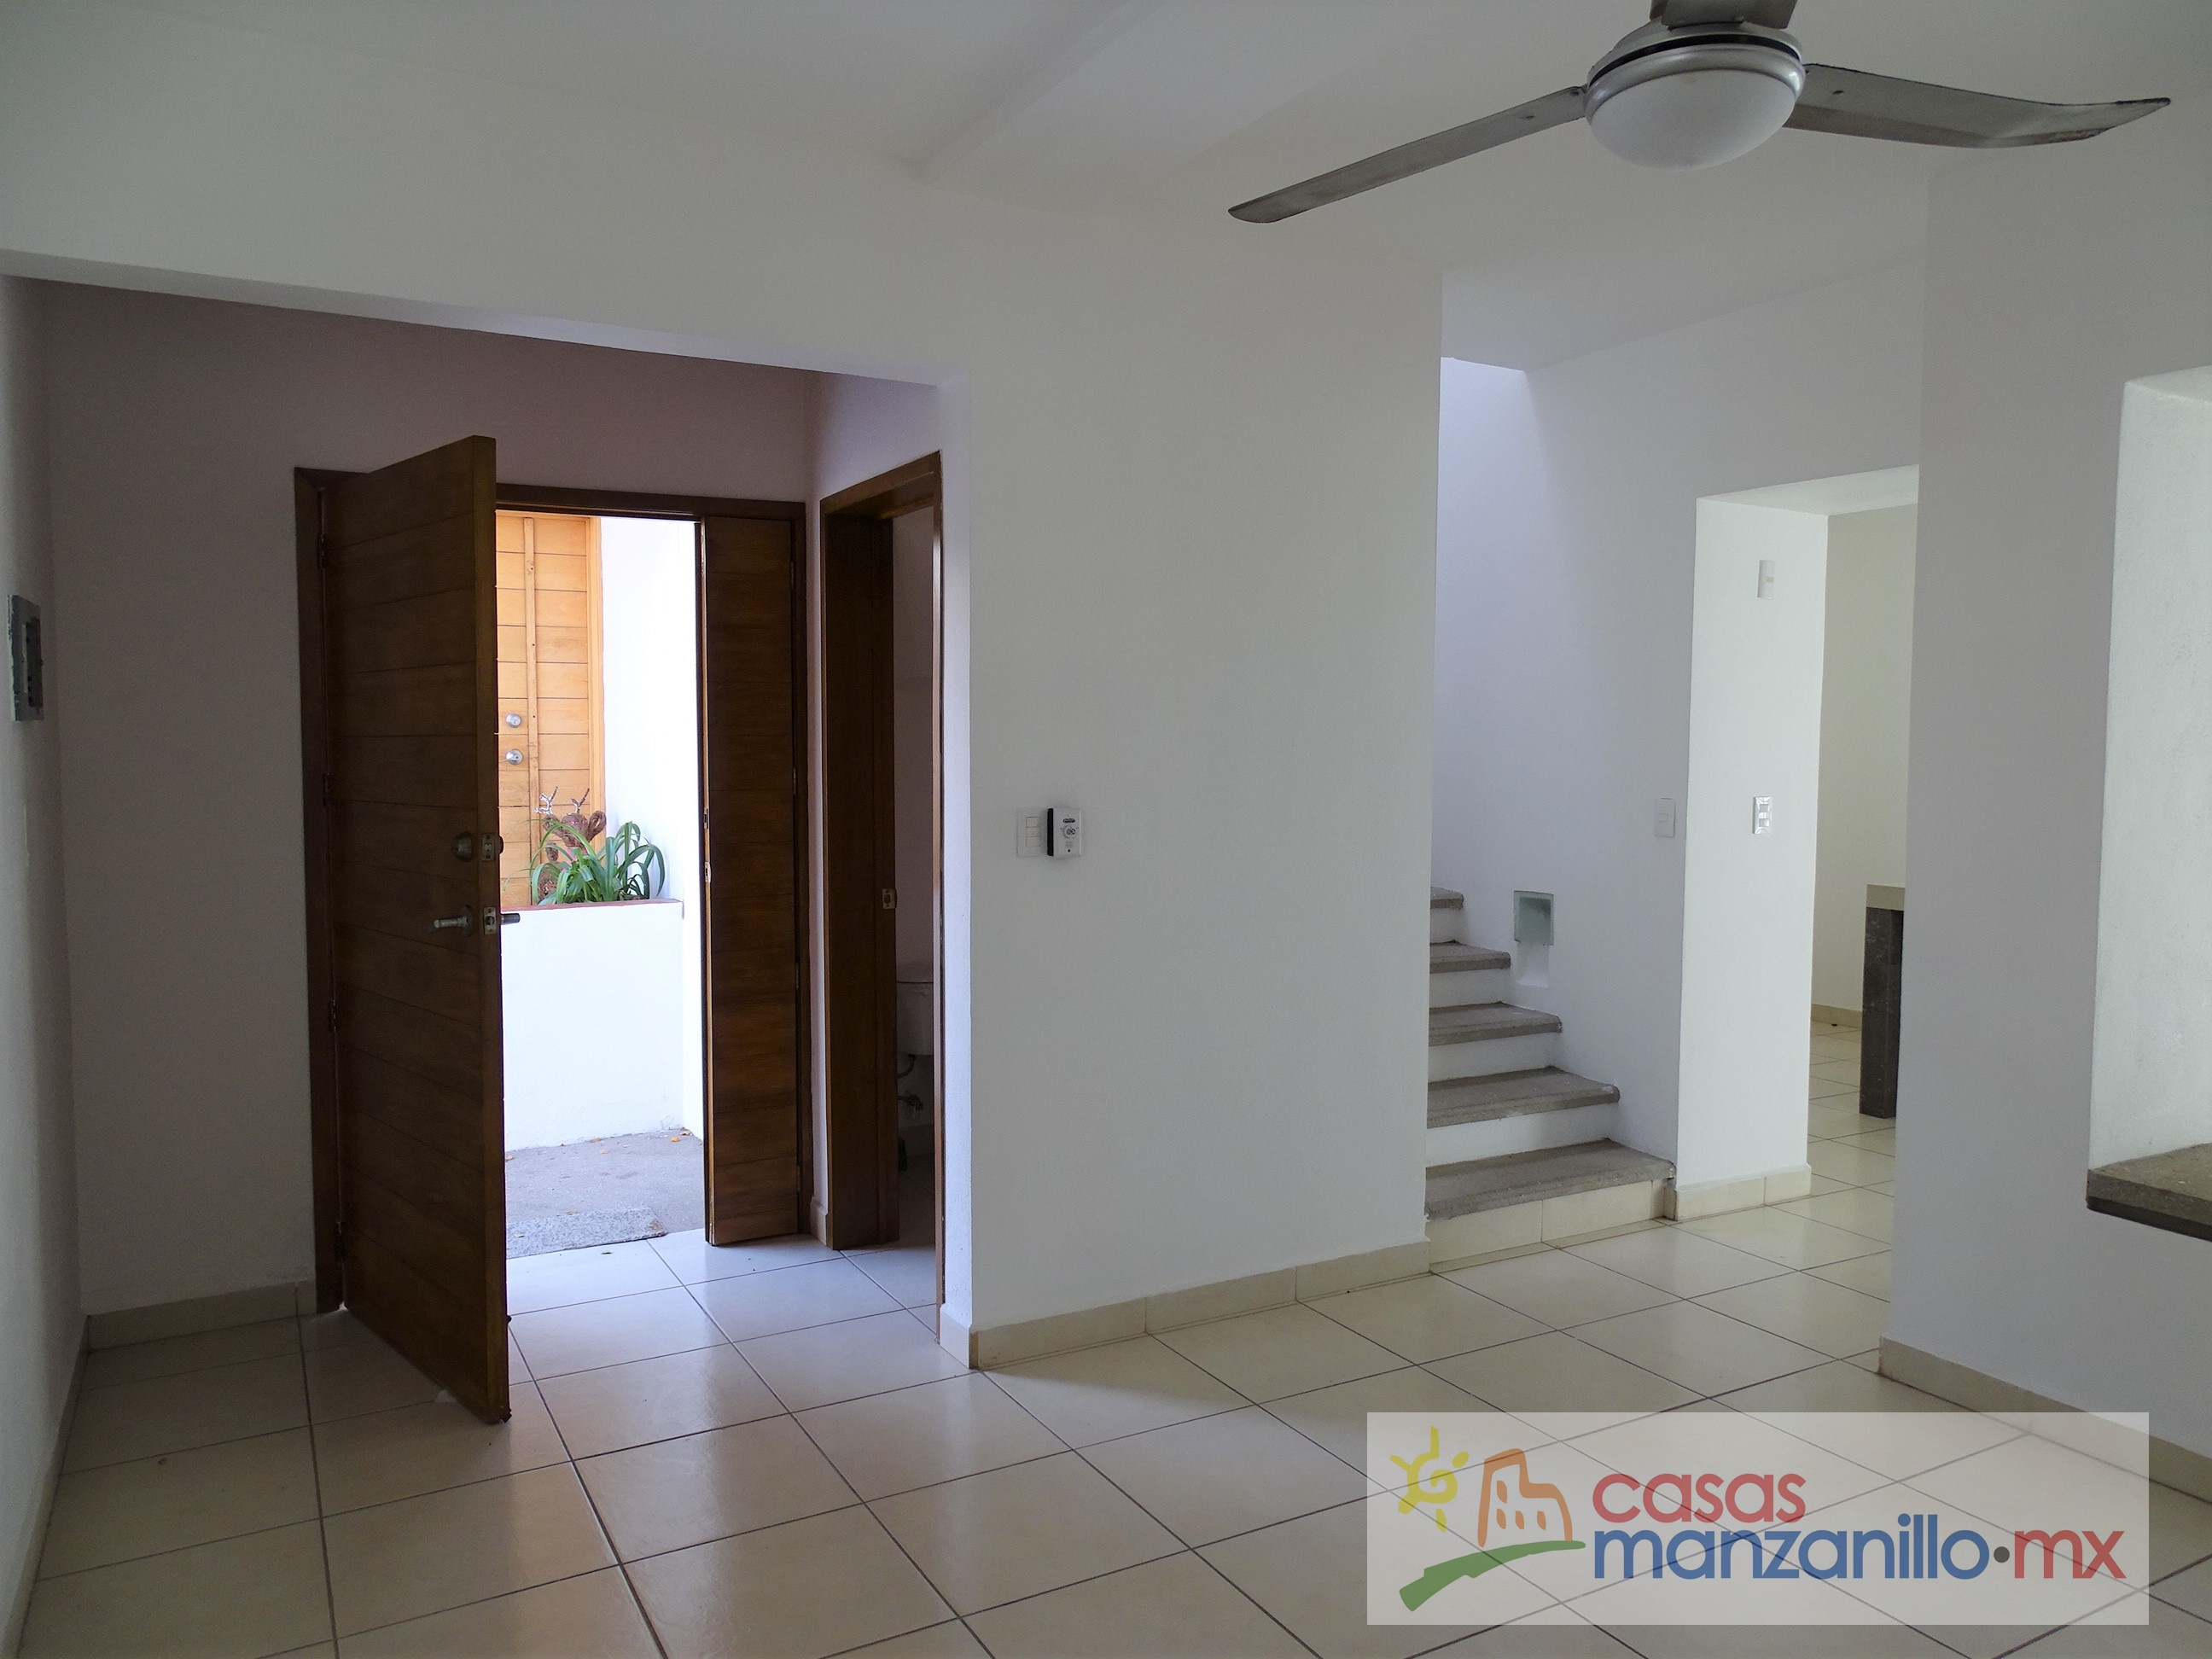 Casas RENTA Manzanillo - Los Altos (5)